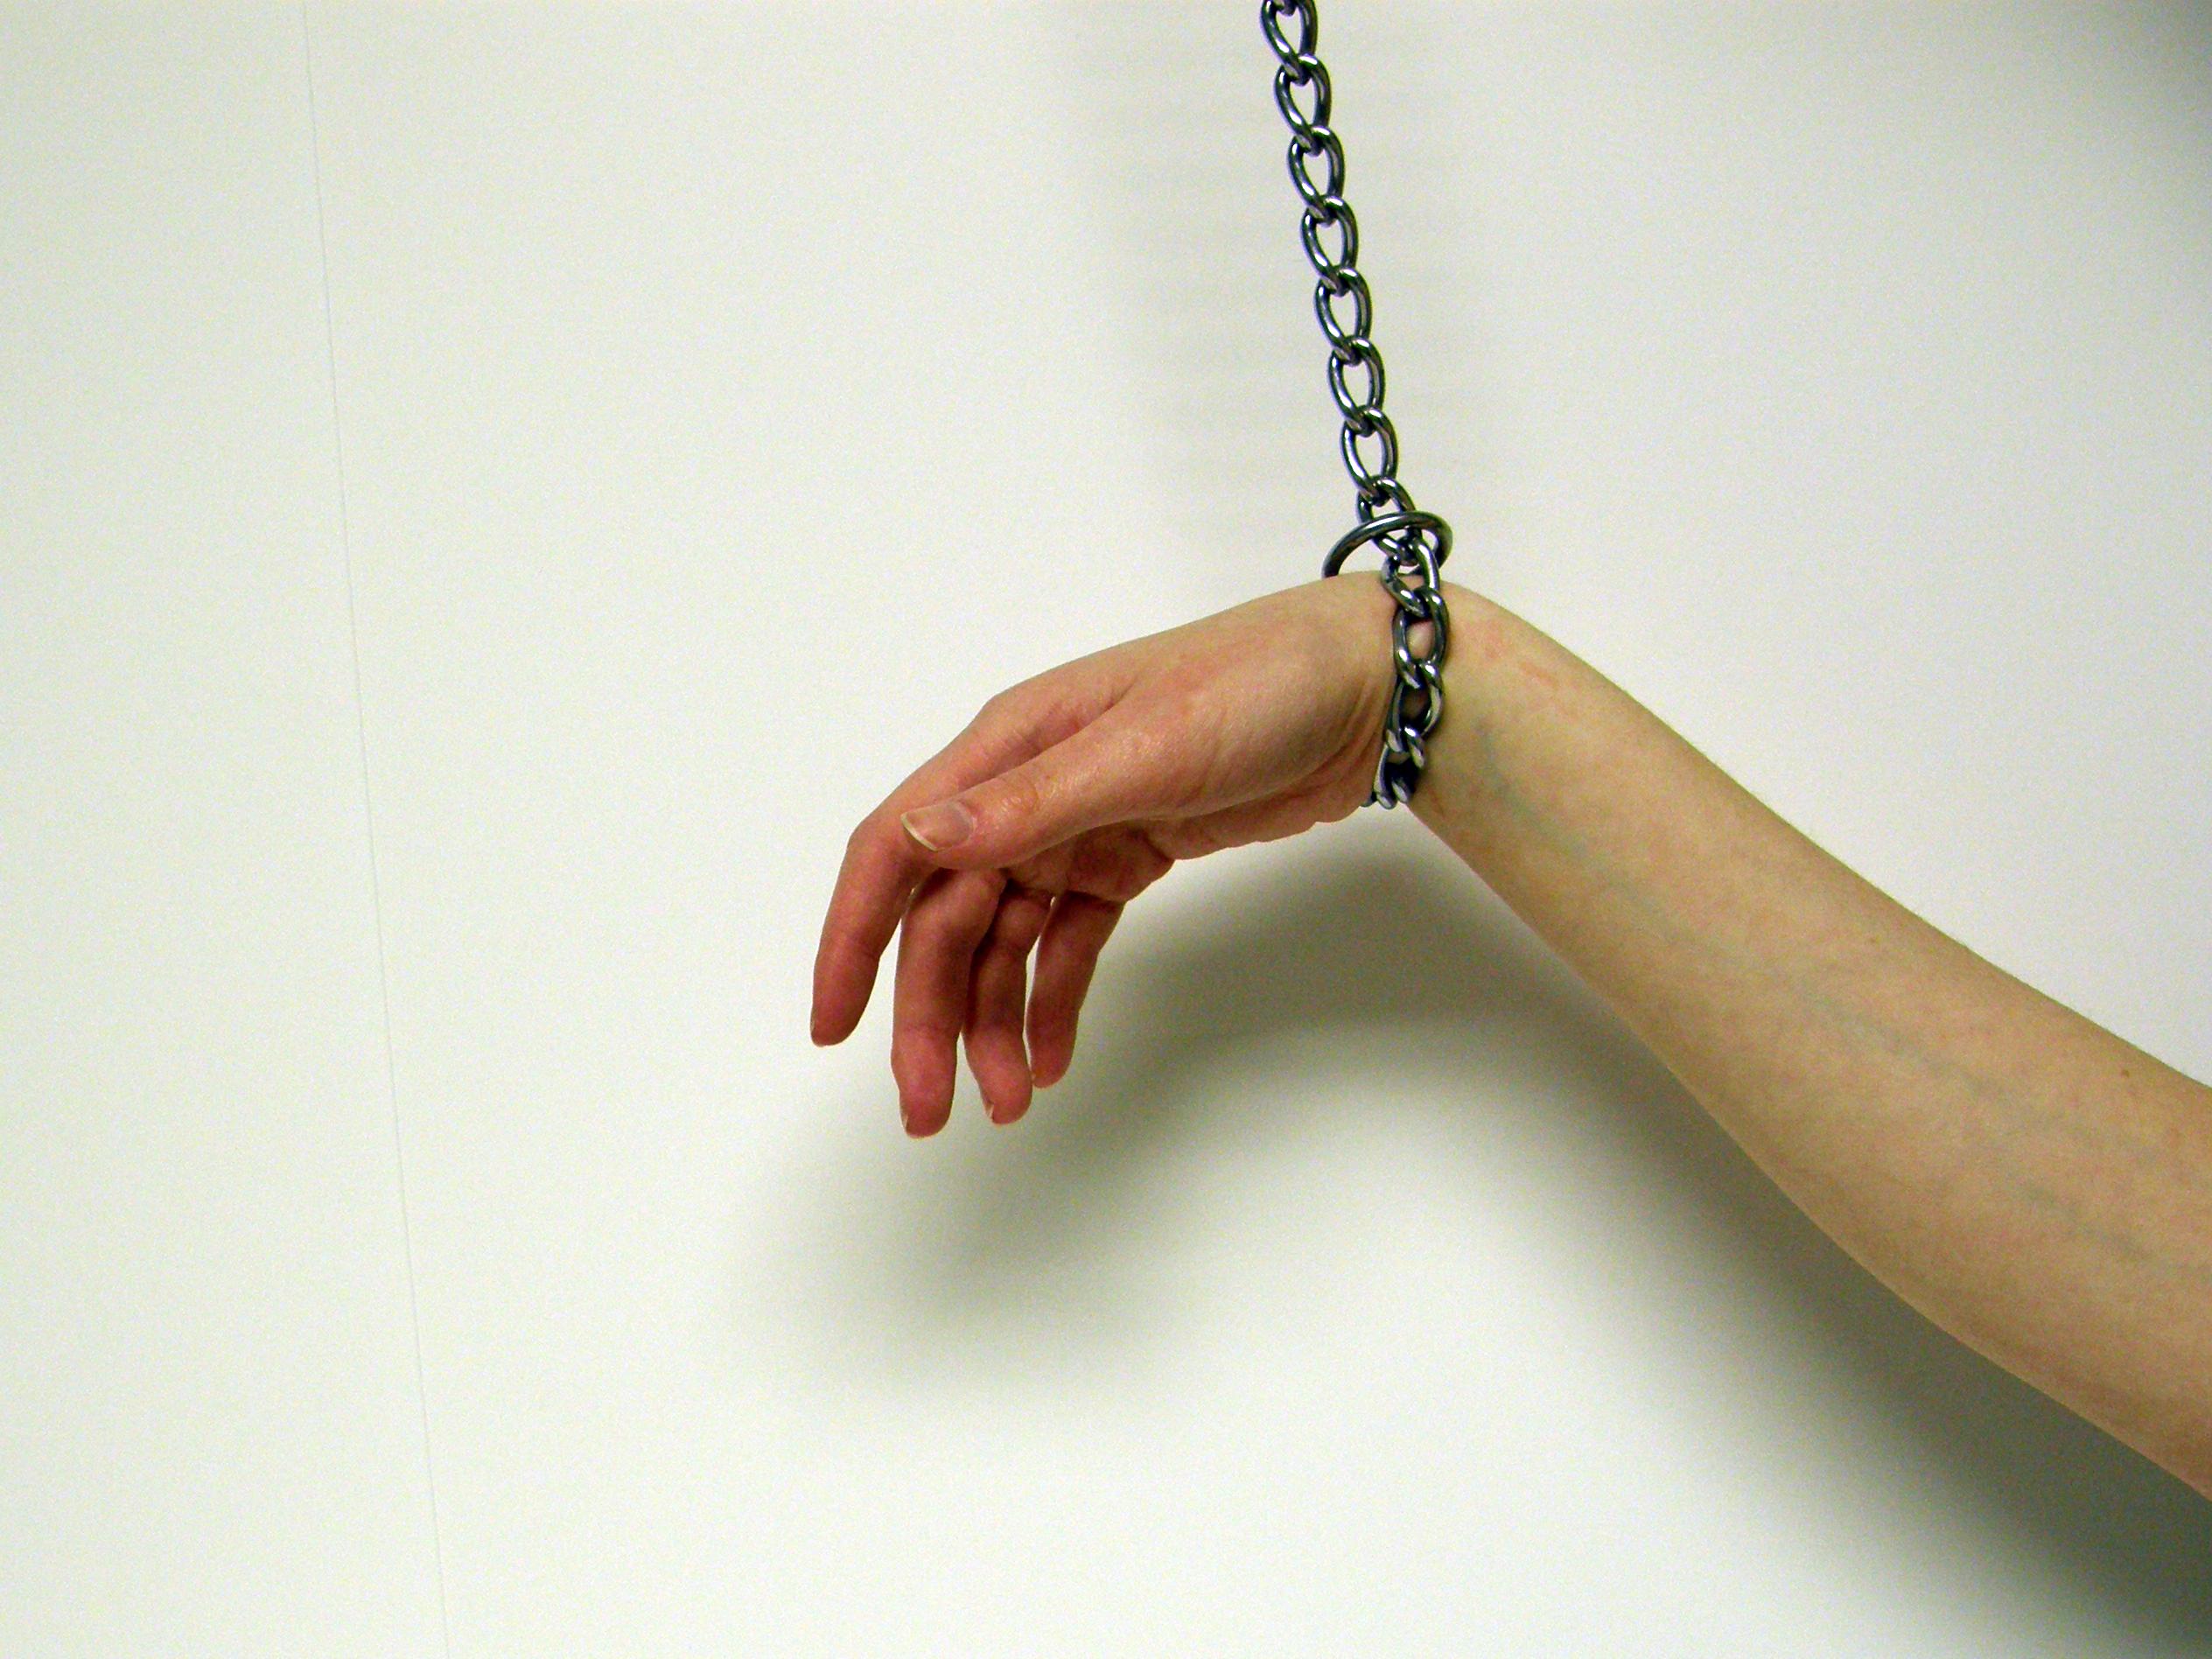 Связанные руки и ноги у девушек 11 фотография